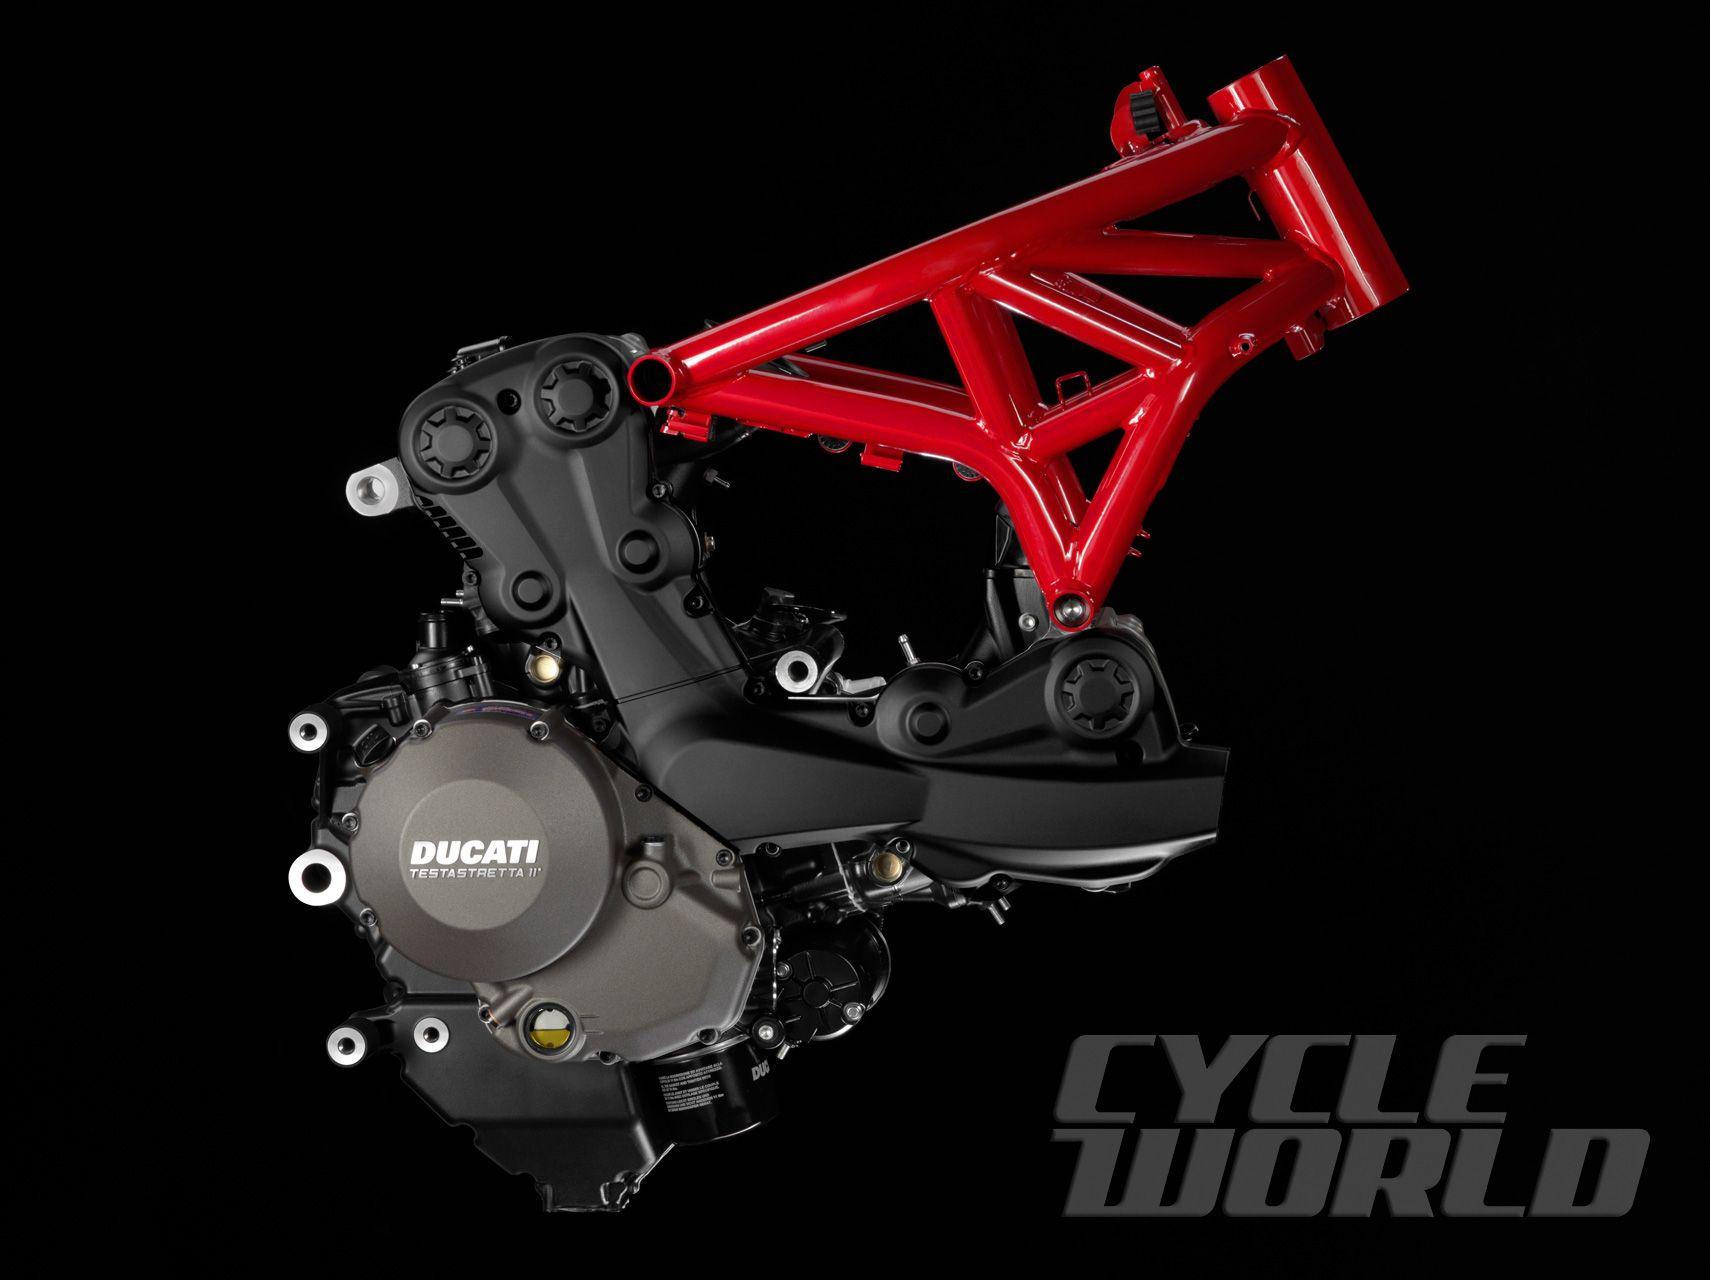 Engine Frame Photo 2 Ducati Monster Ducati Monster 1200 Ducati Monster 1200 S